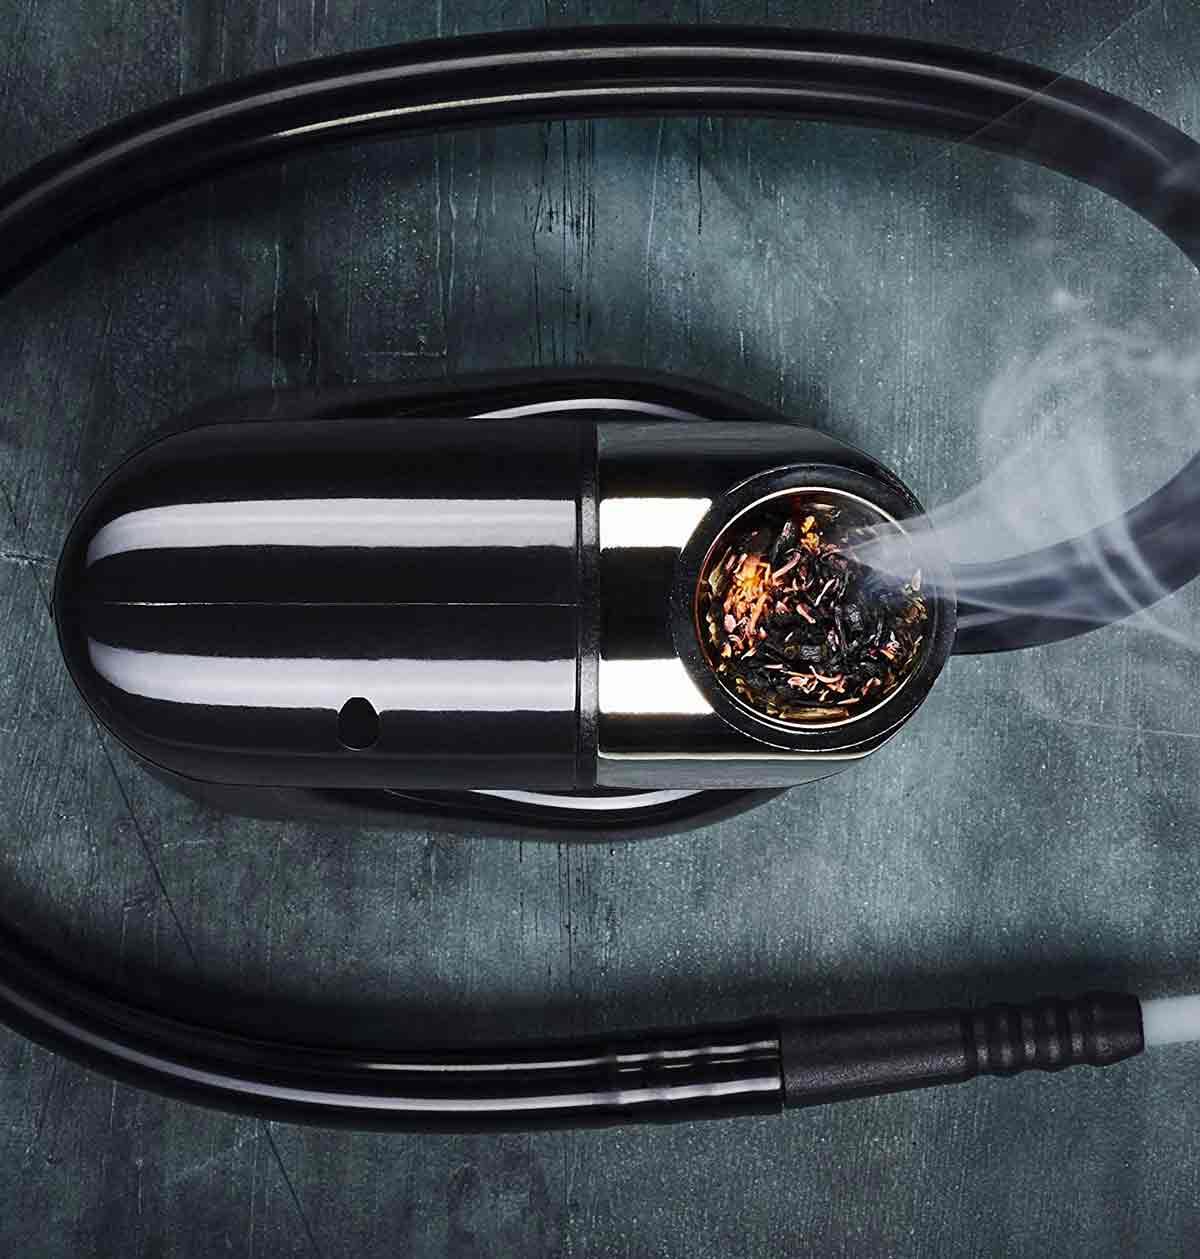 Räucher-Gerät Gastronoma 18310001 Smoker gun Räucherpistole – Bild 4